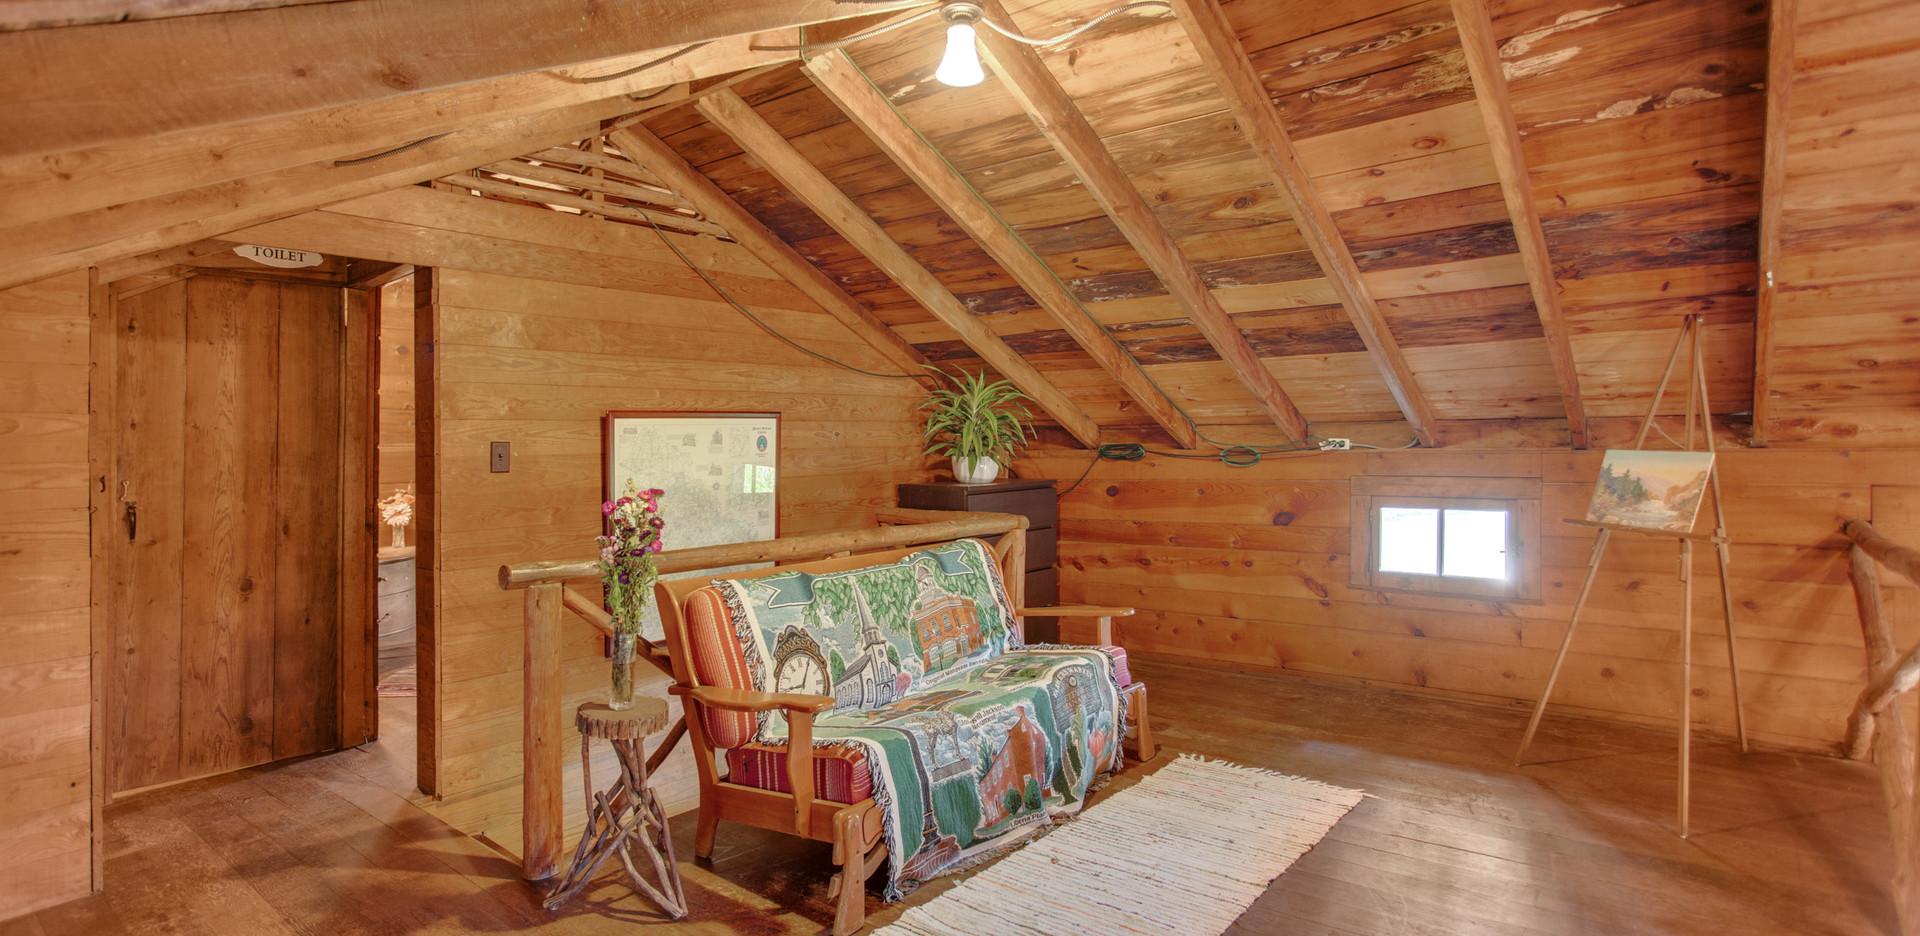 8467 Brunger St, Manassas, VA 20112 - HD